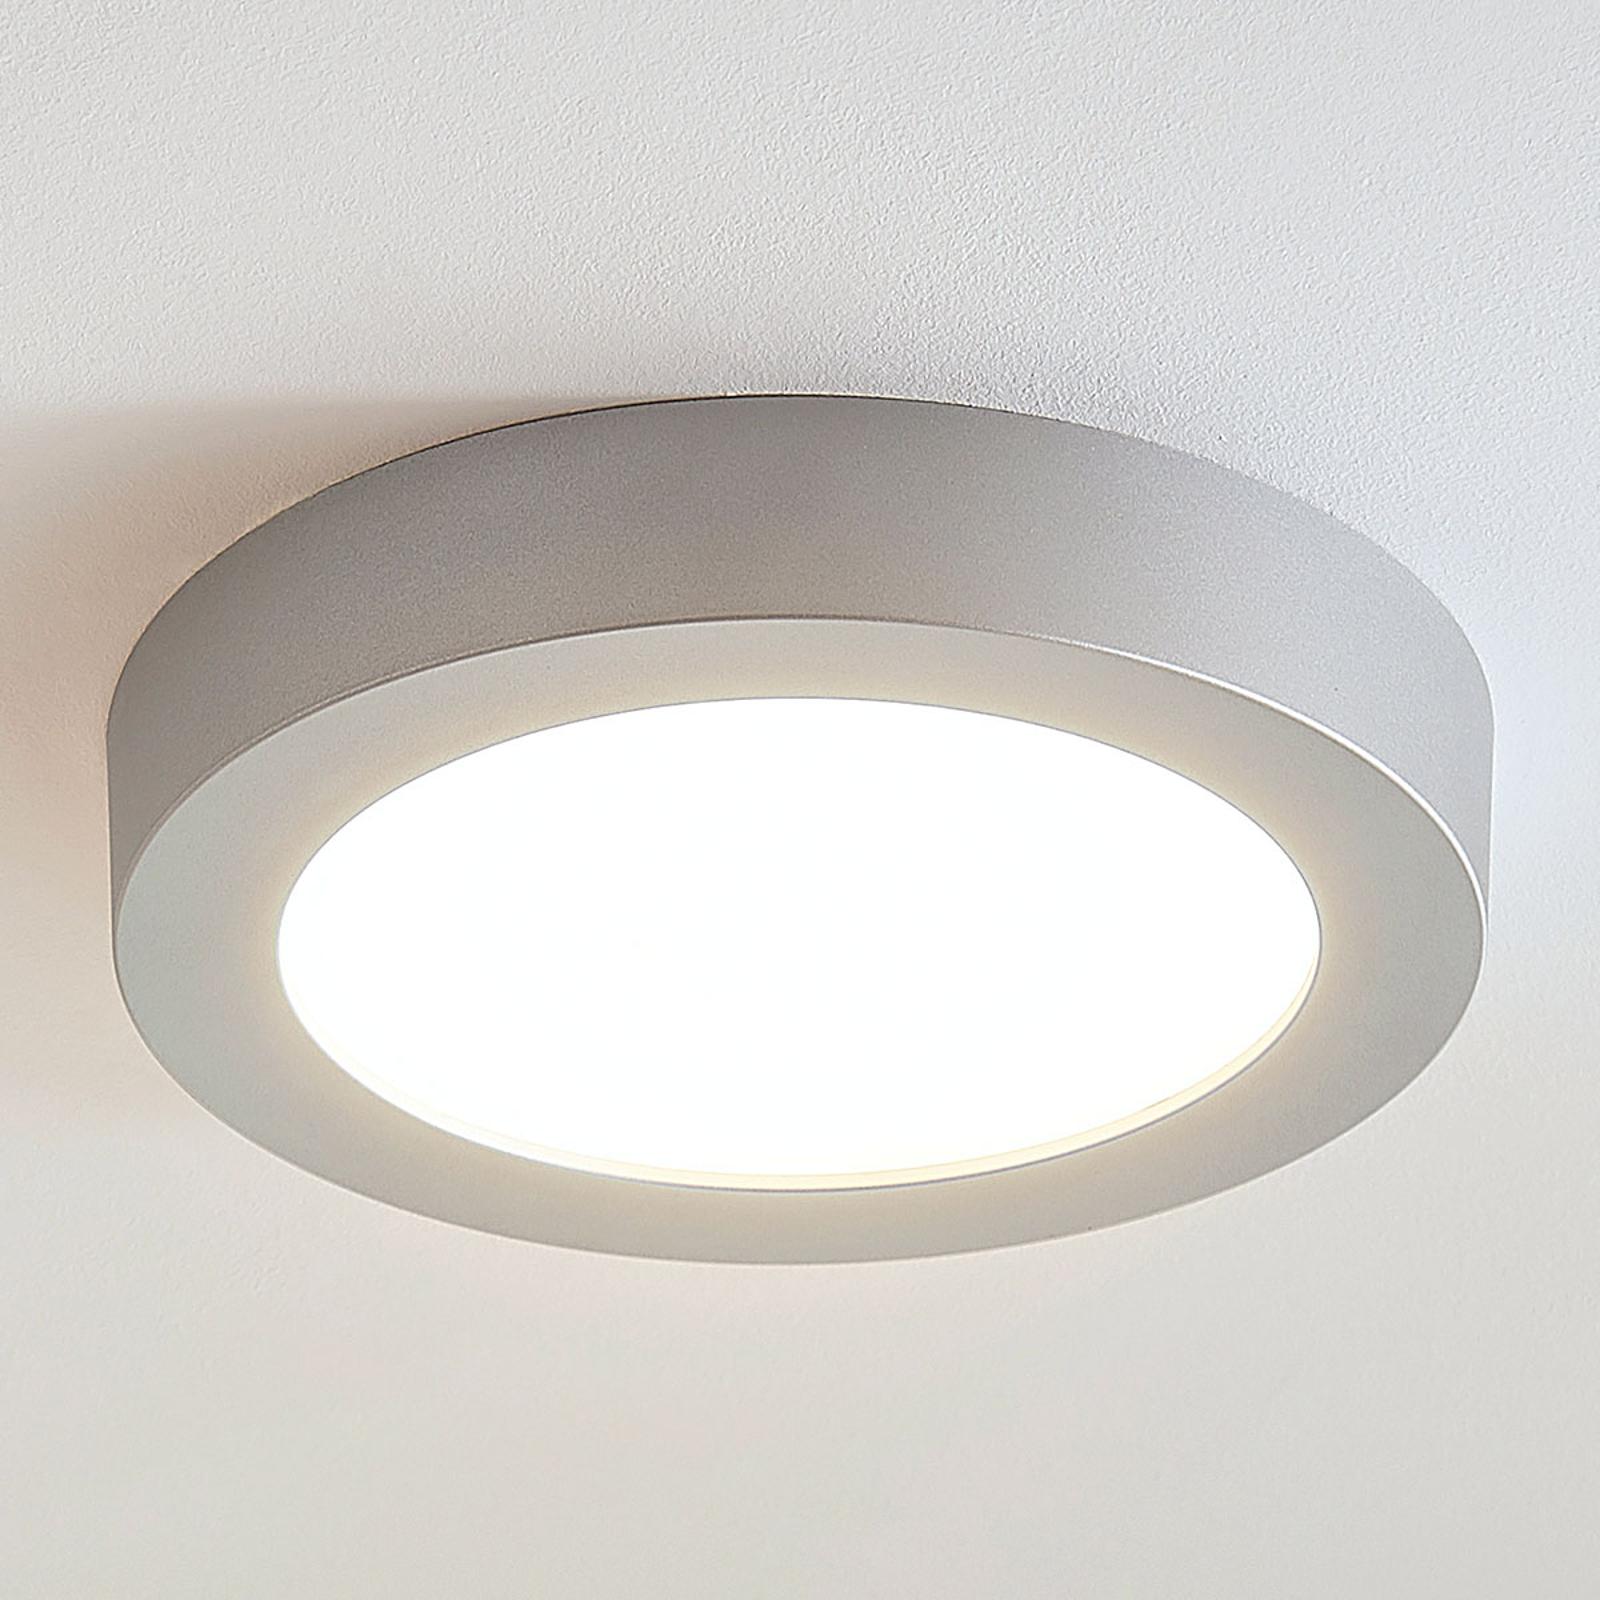 LED-Deckenlampe Marlo silber 3000K rund 25,2cm